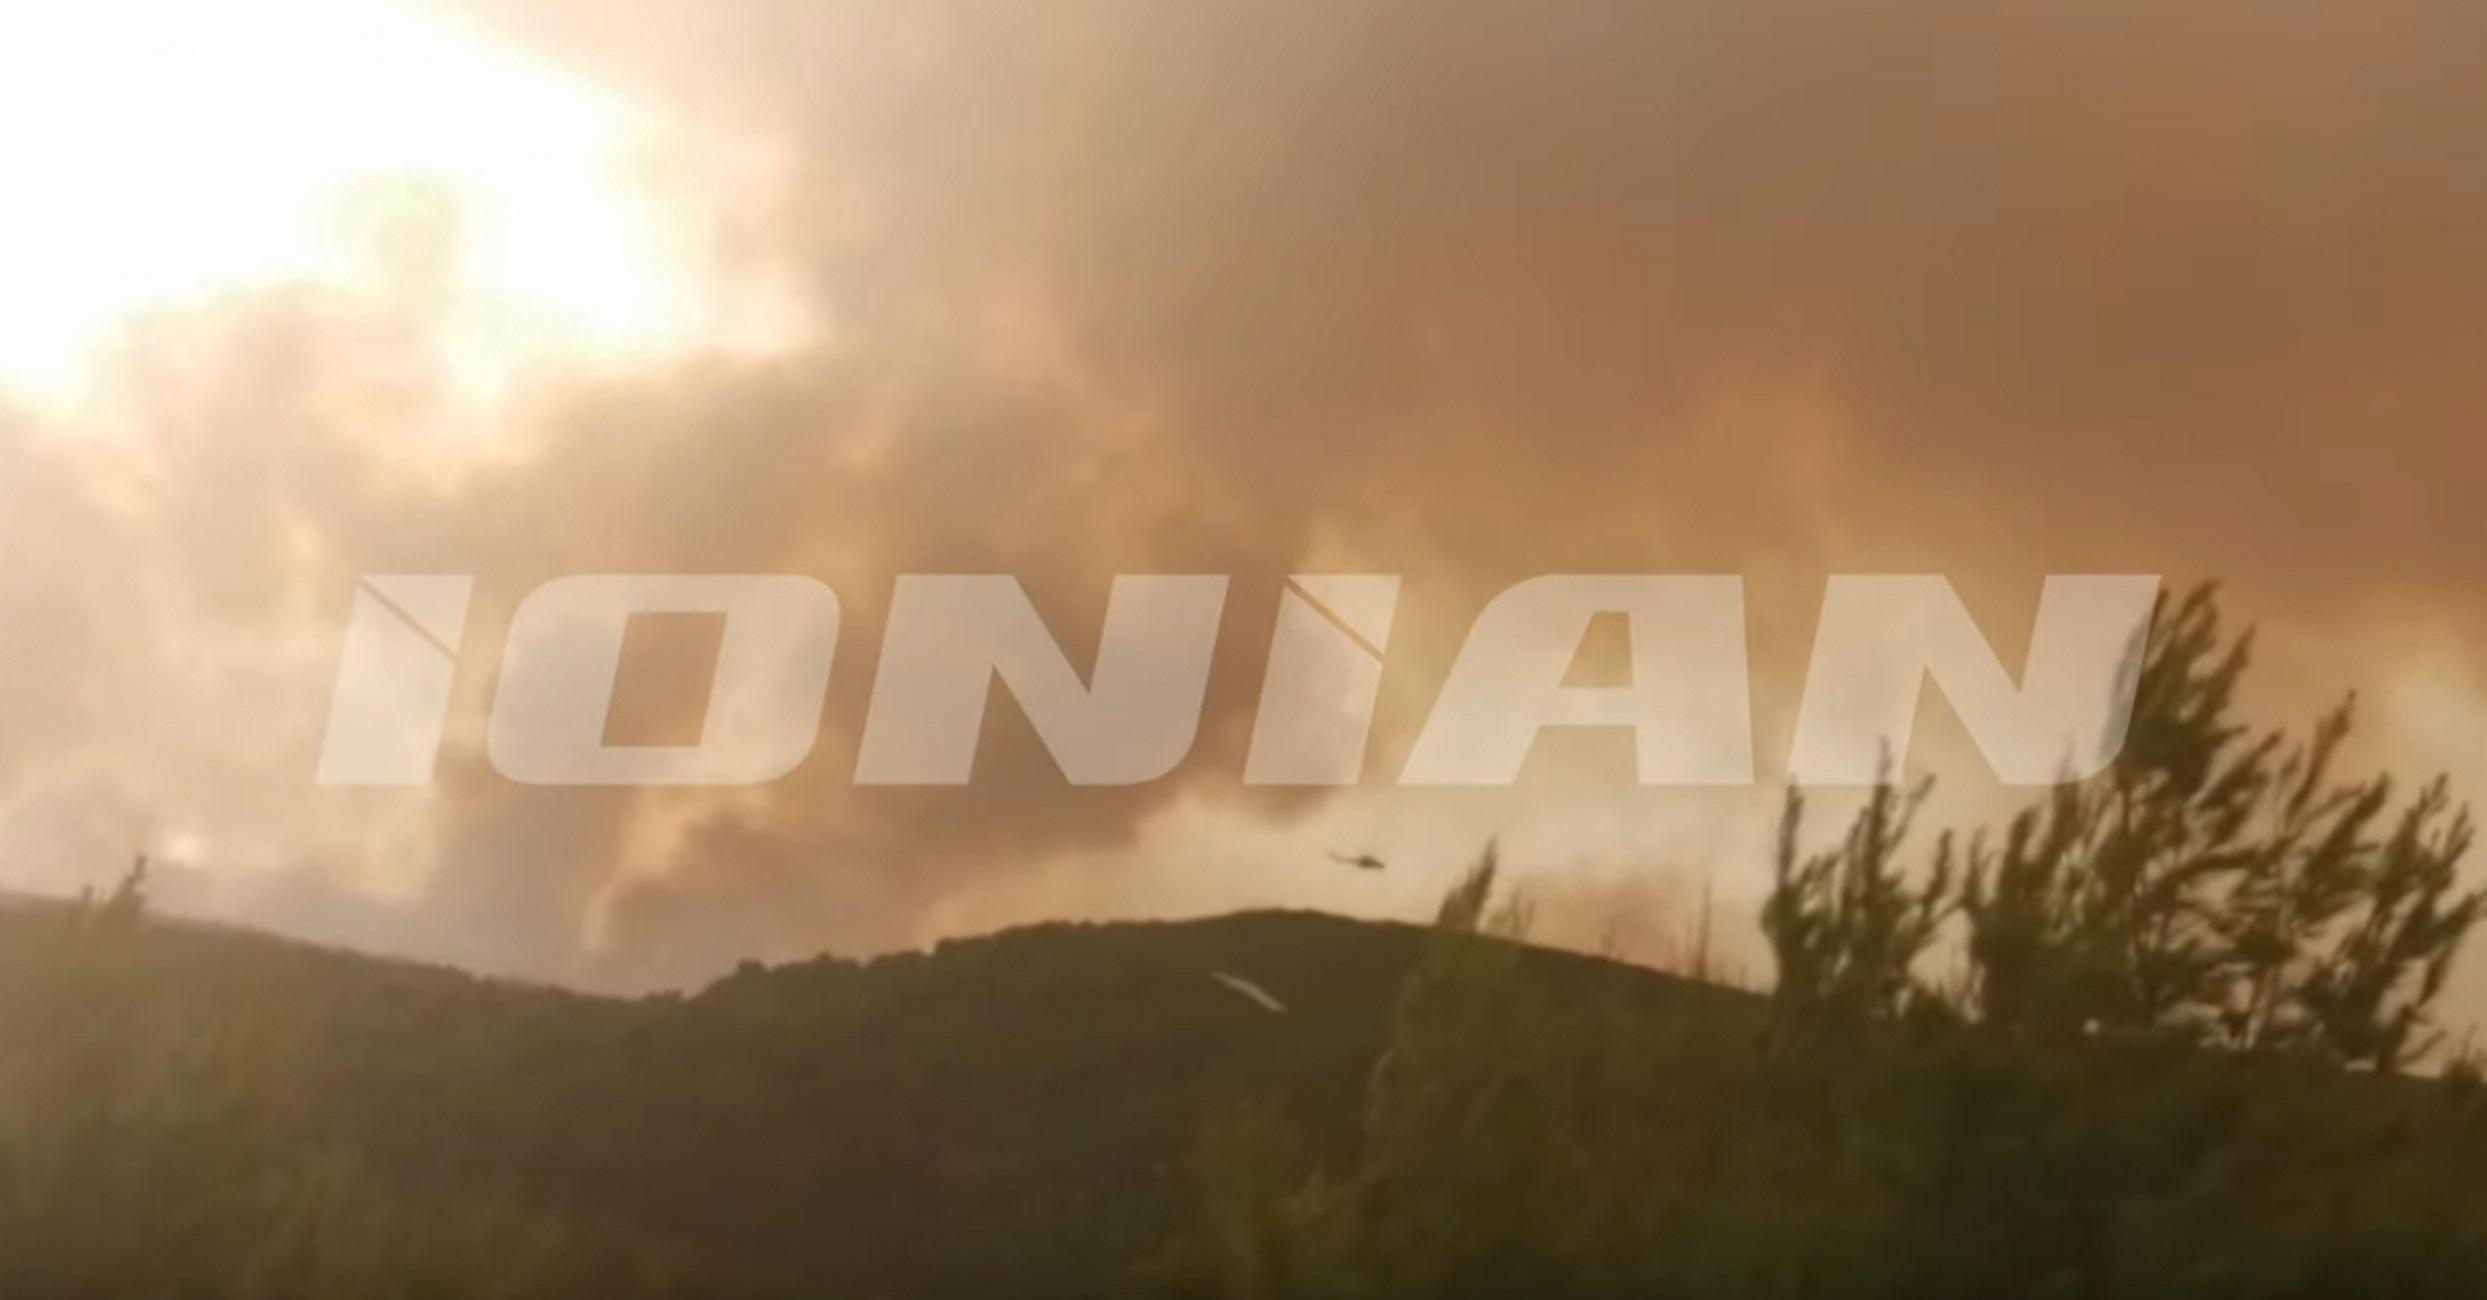 Ζάκυνθος: Η φωτιά πάνω από το Ναυάγιο! Νέες εικόνες από τη μάχη της κατάσβεσης (Βίντεο)